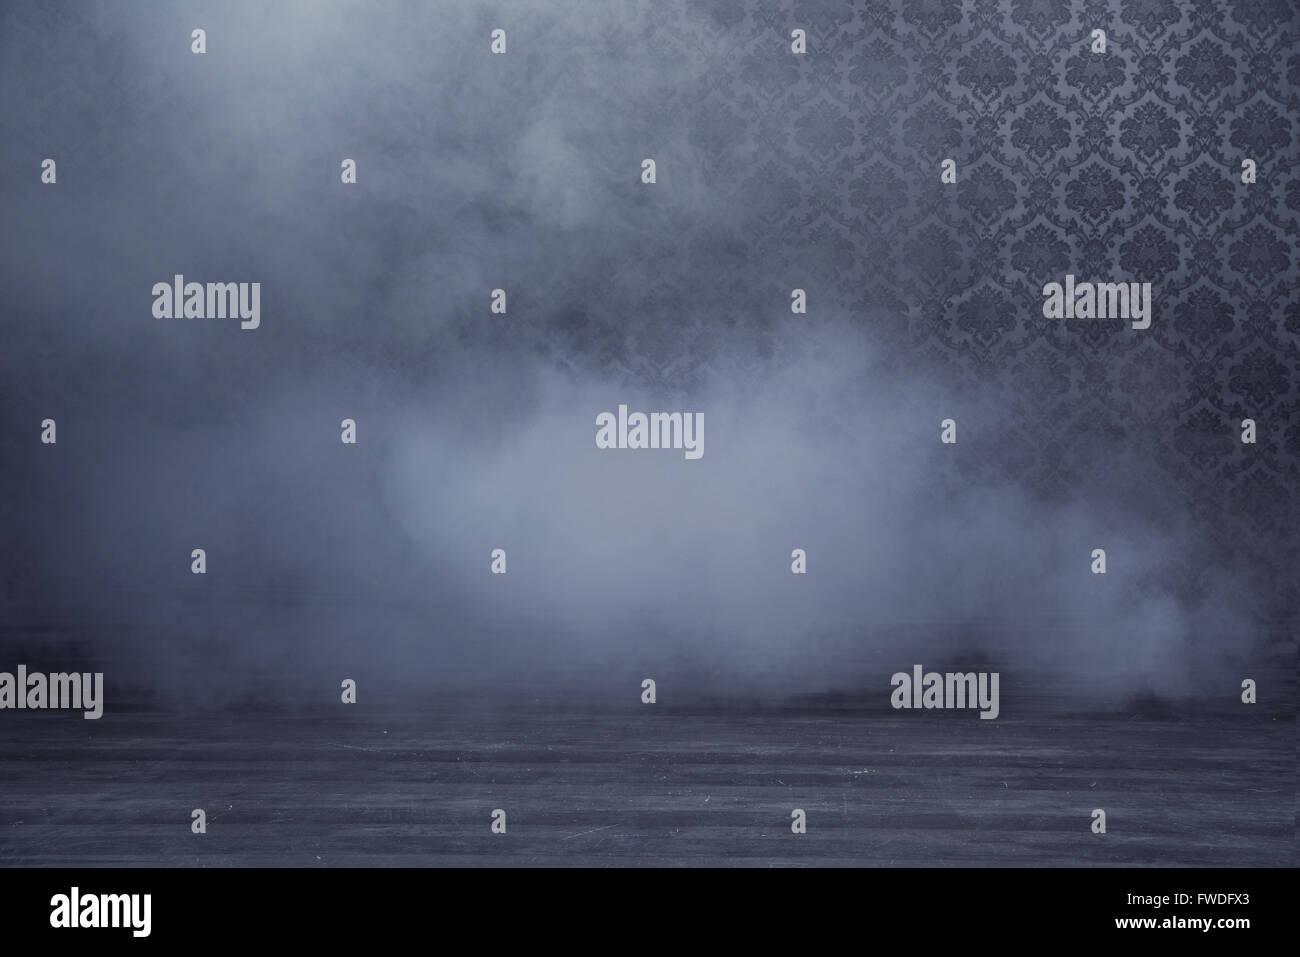 Chambre mystérieuse remplie de fumée gris dense Photo Stock